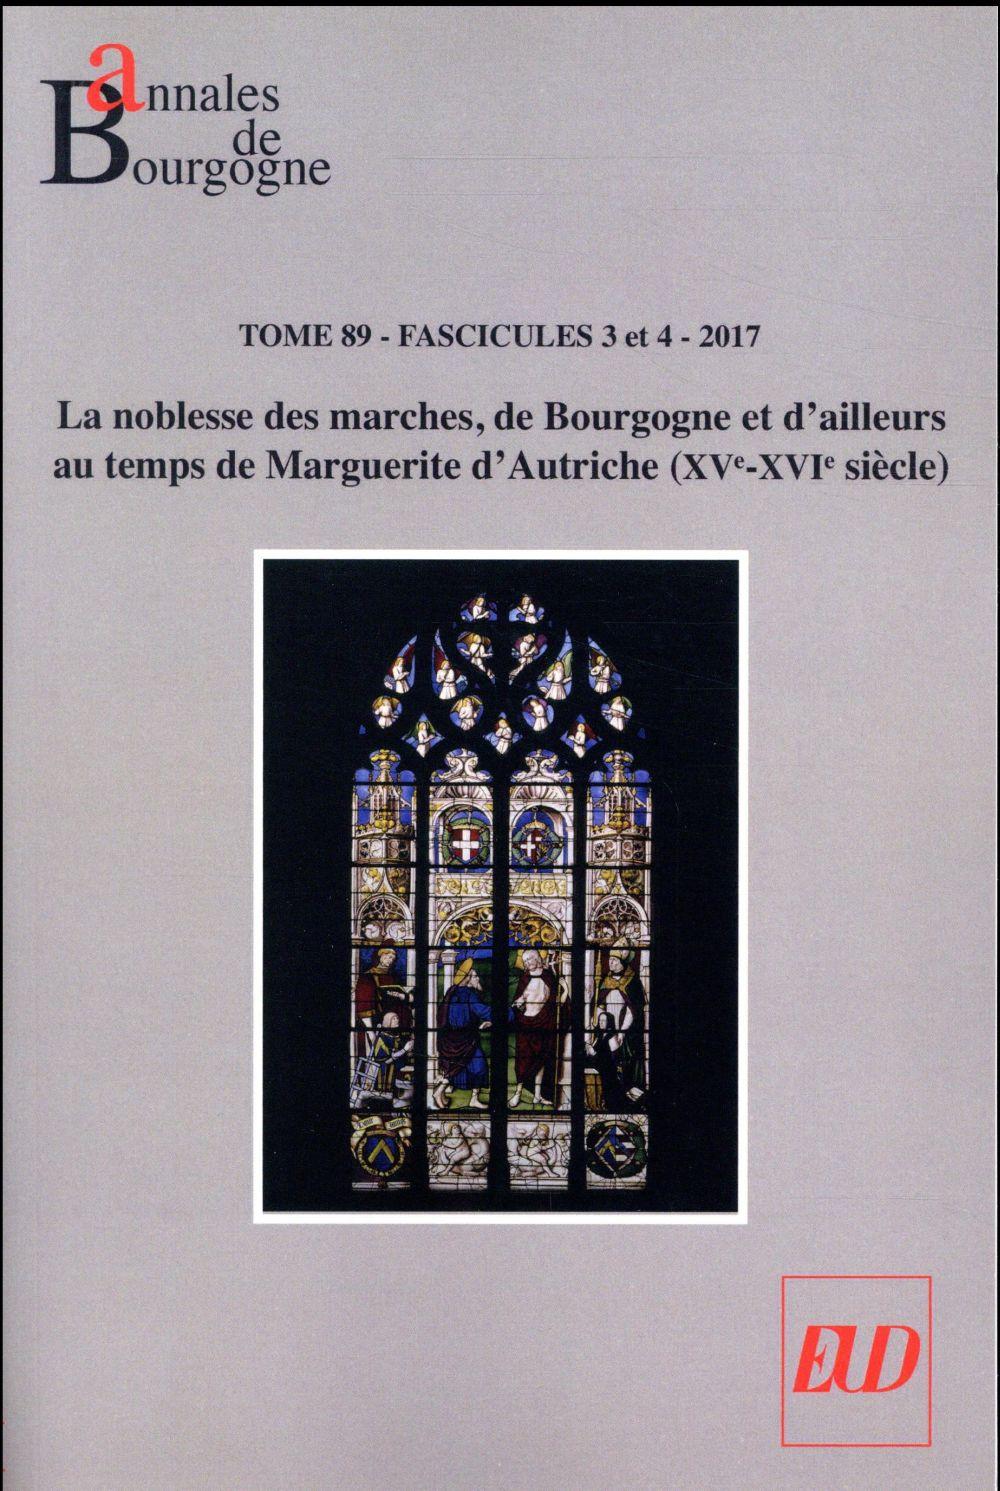 ANNALES DE BOURGOGNE. VOL. 89-3-4-2017